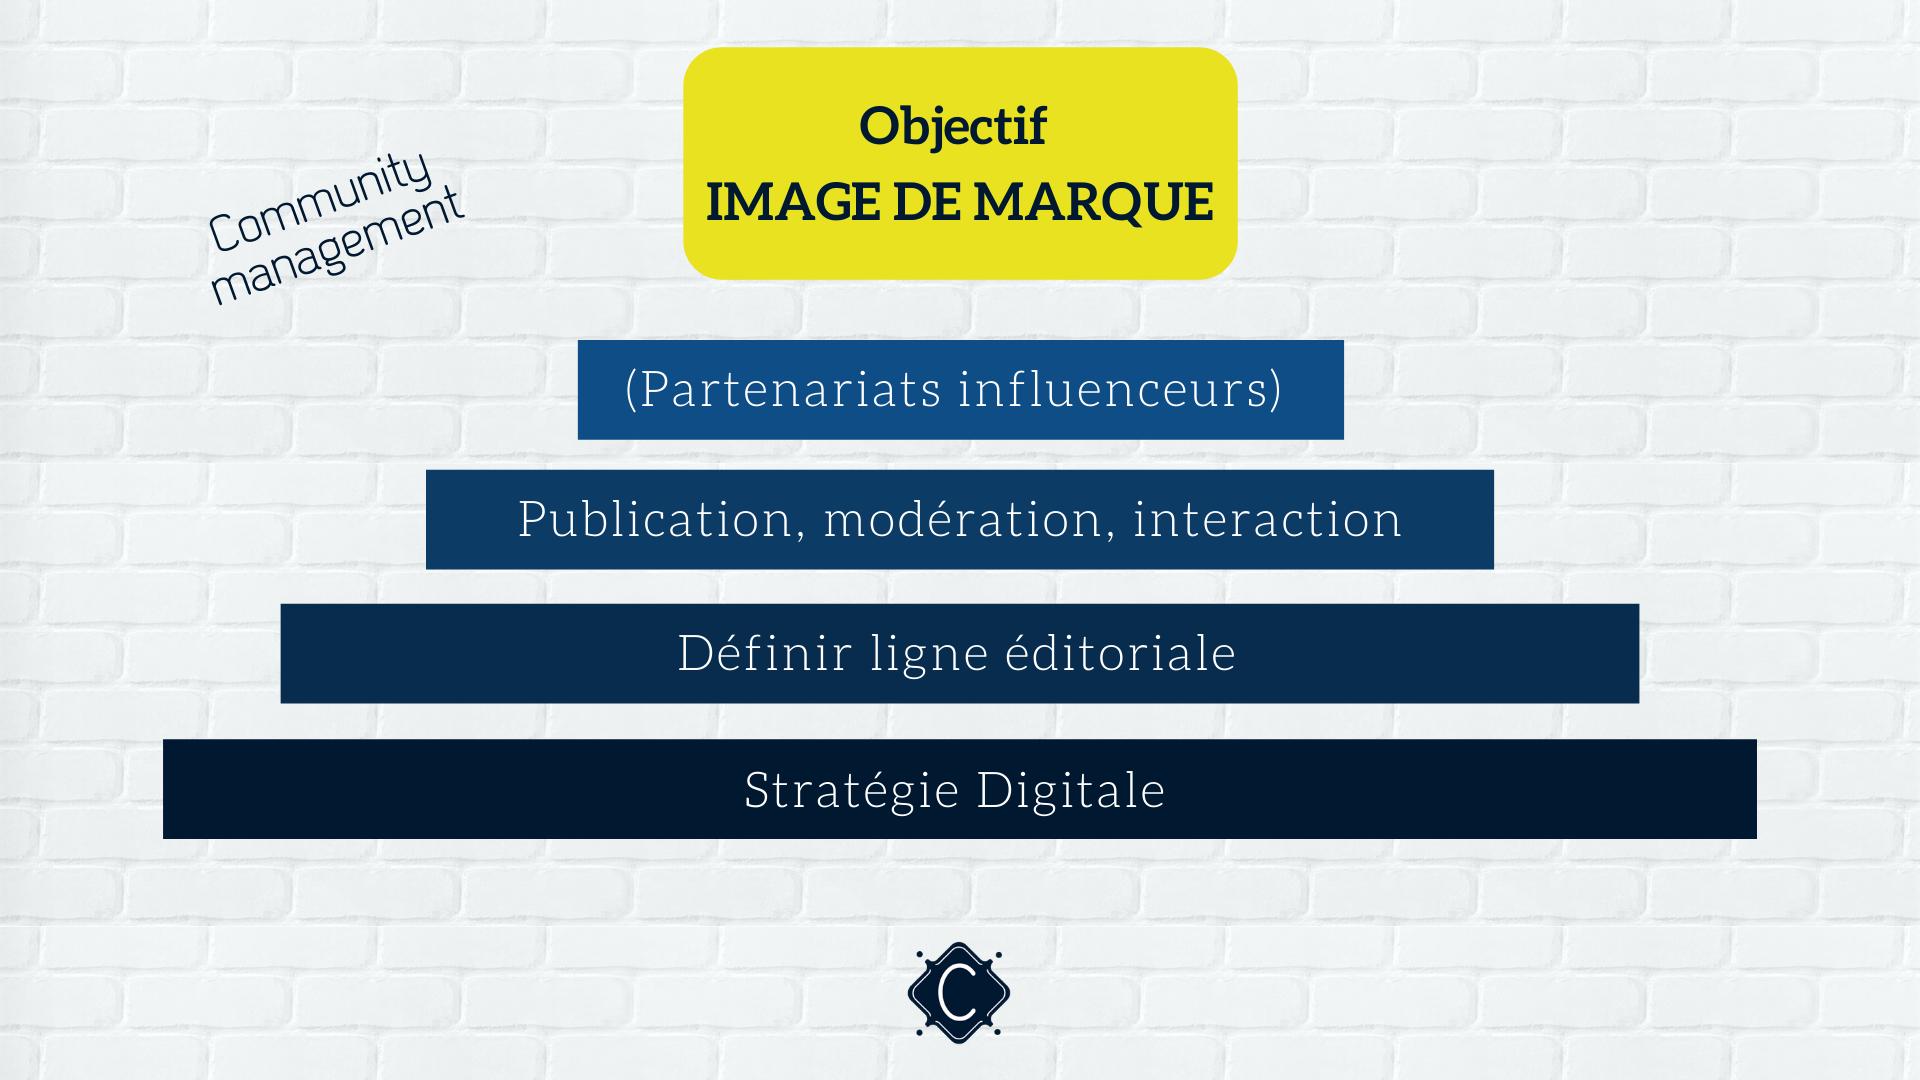 image-marque-community-management-marketing